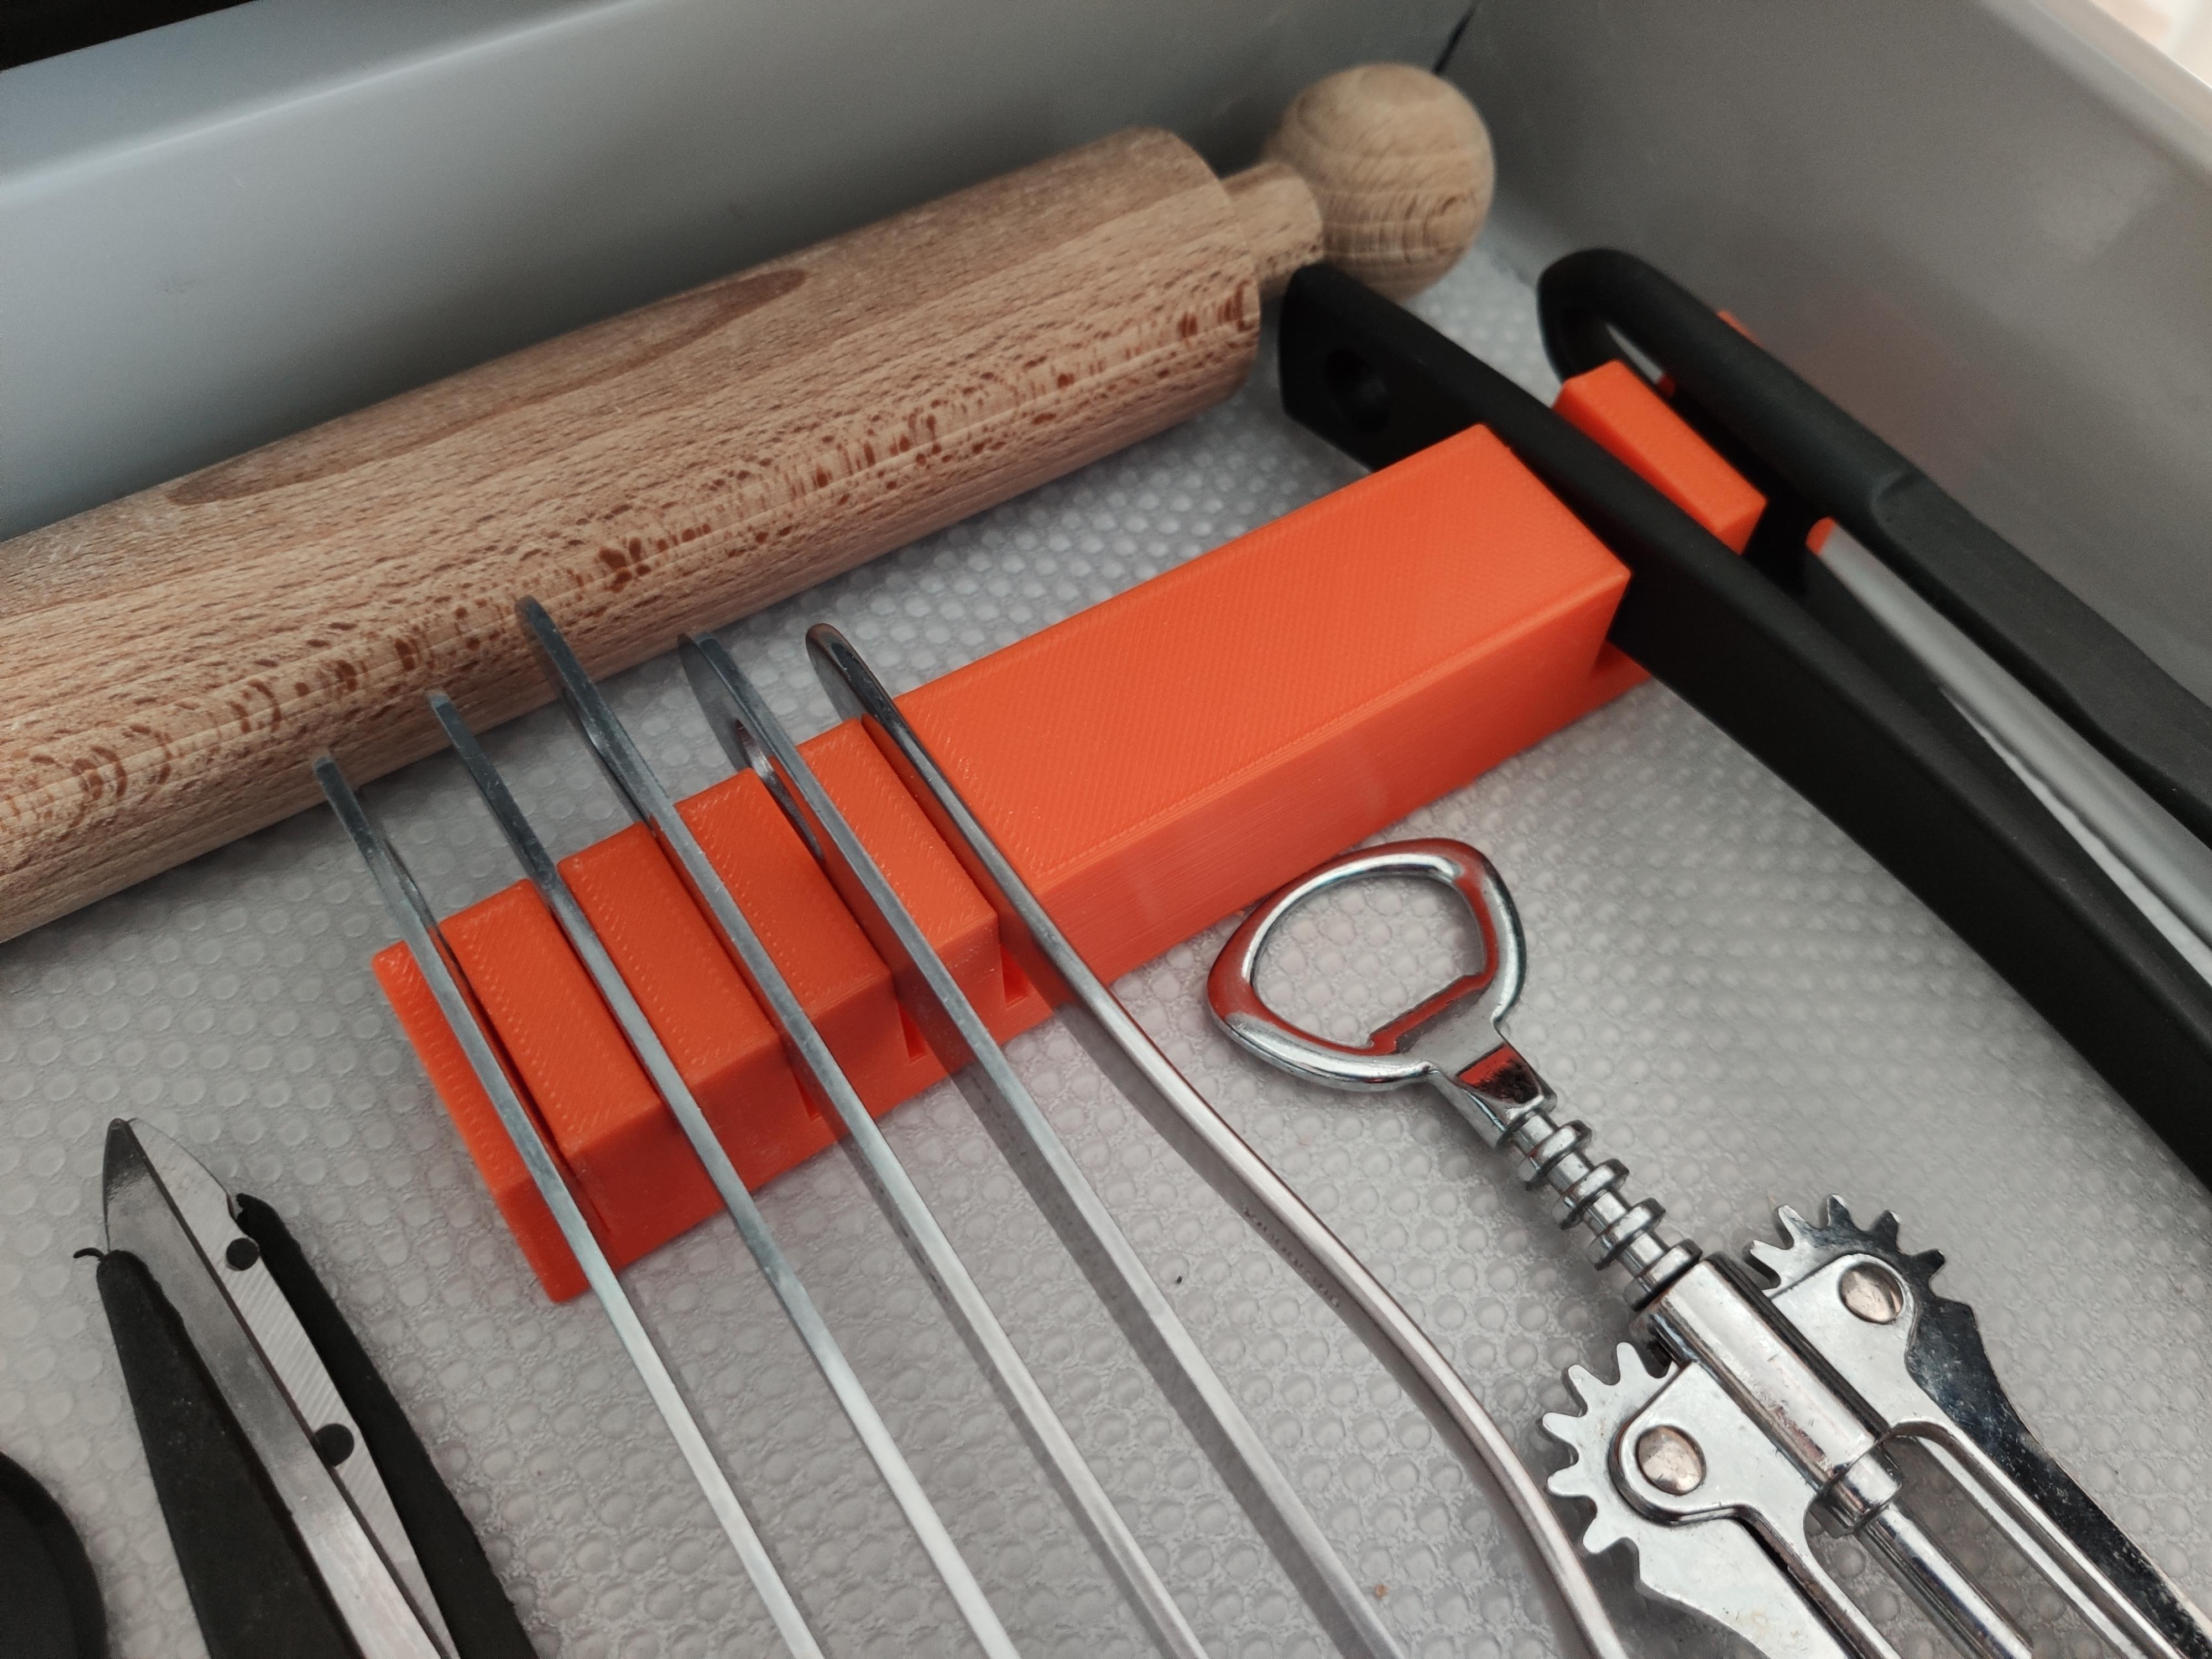 IMG_20190906_143552.jpg Download free STL file Kitchen Drawer Organizer • 3D printing template, Brignetti_Longoni